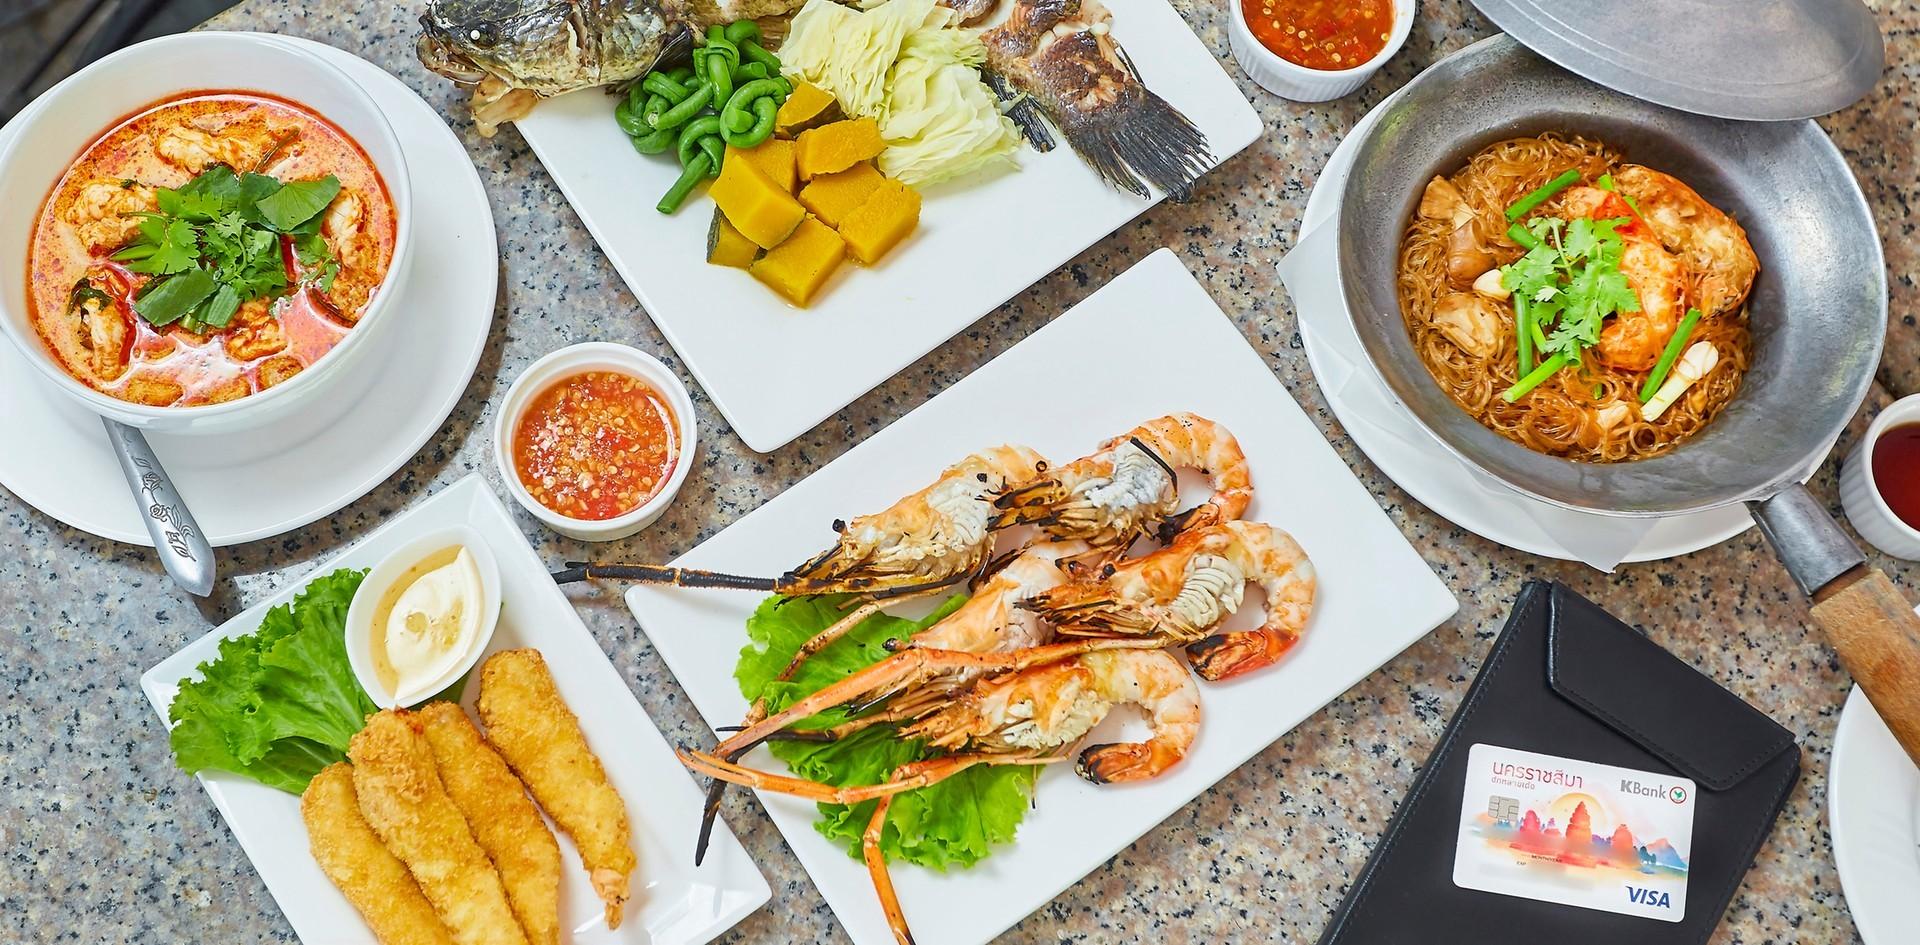 [รีวิว] ก้ามทอง ร้านอาหารทะเลโคราช เสิร์ฟเมนูกุ้งเน้น ๆ เนื้อแน่นสะใจ